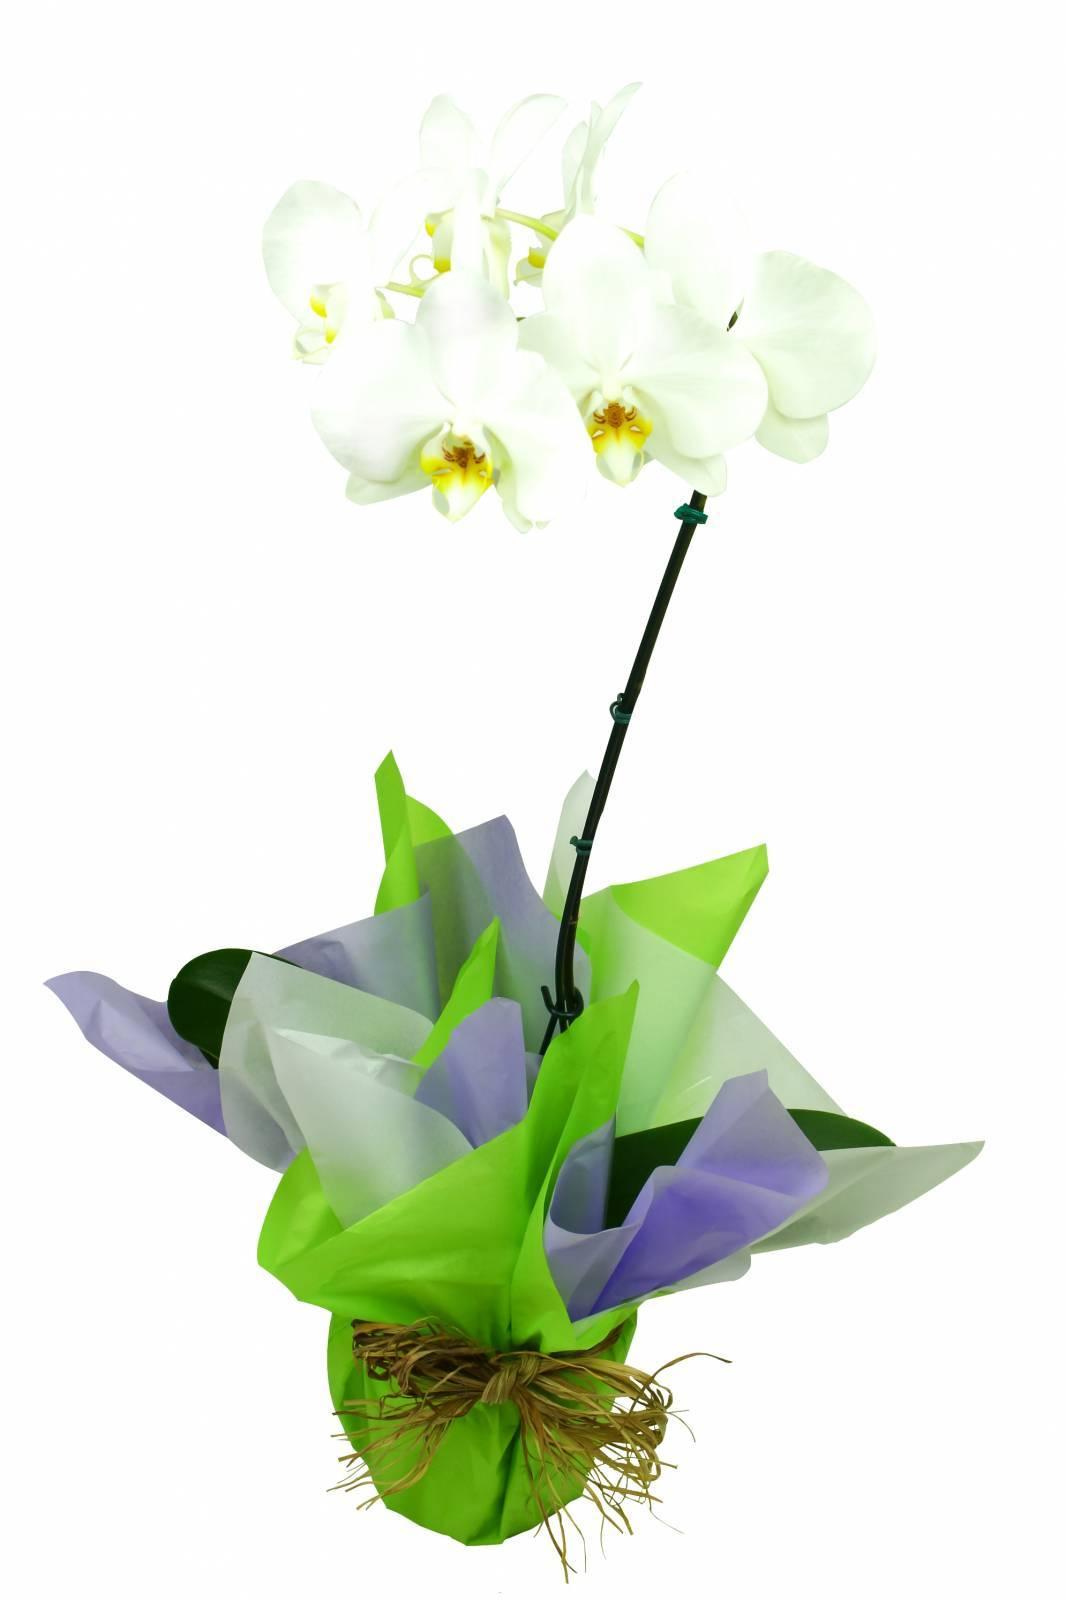 Orquídea Phalaenopsis - Florisbella - Matriz Campinas